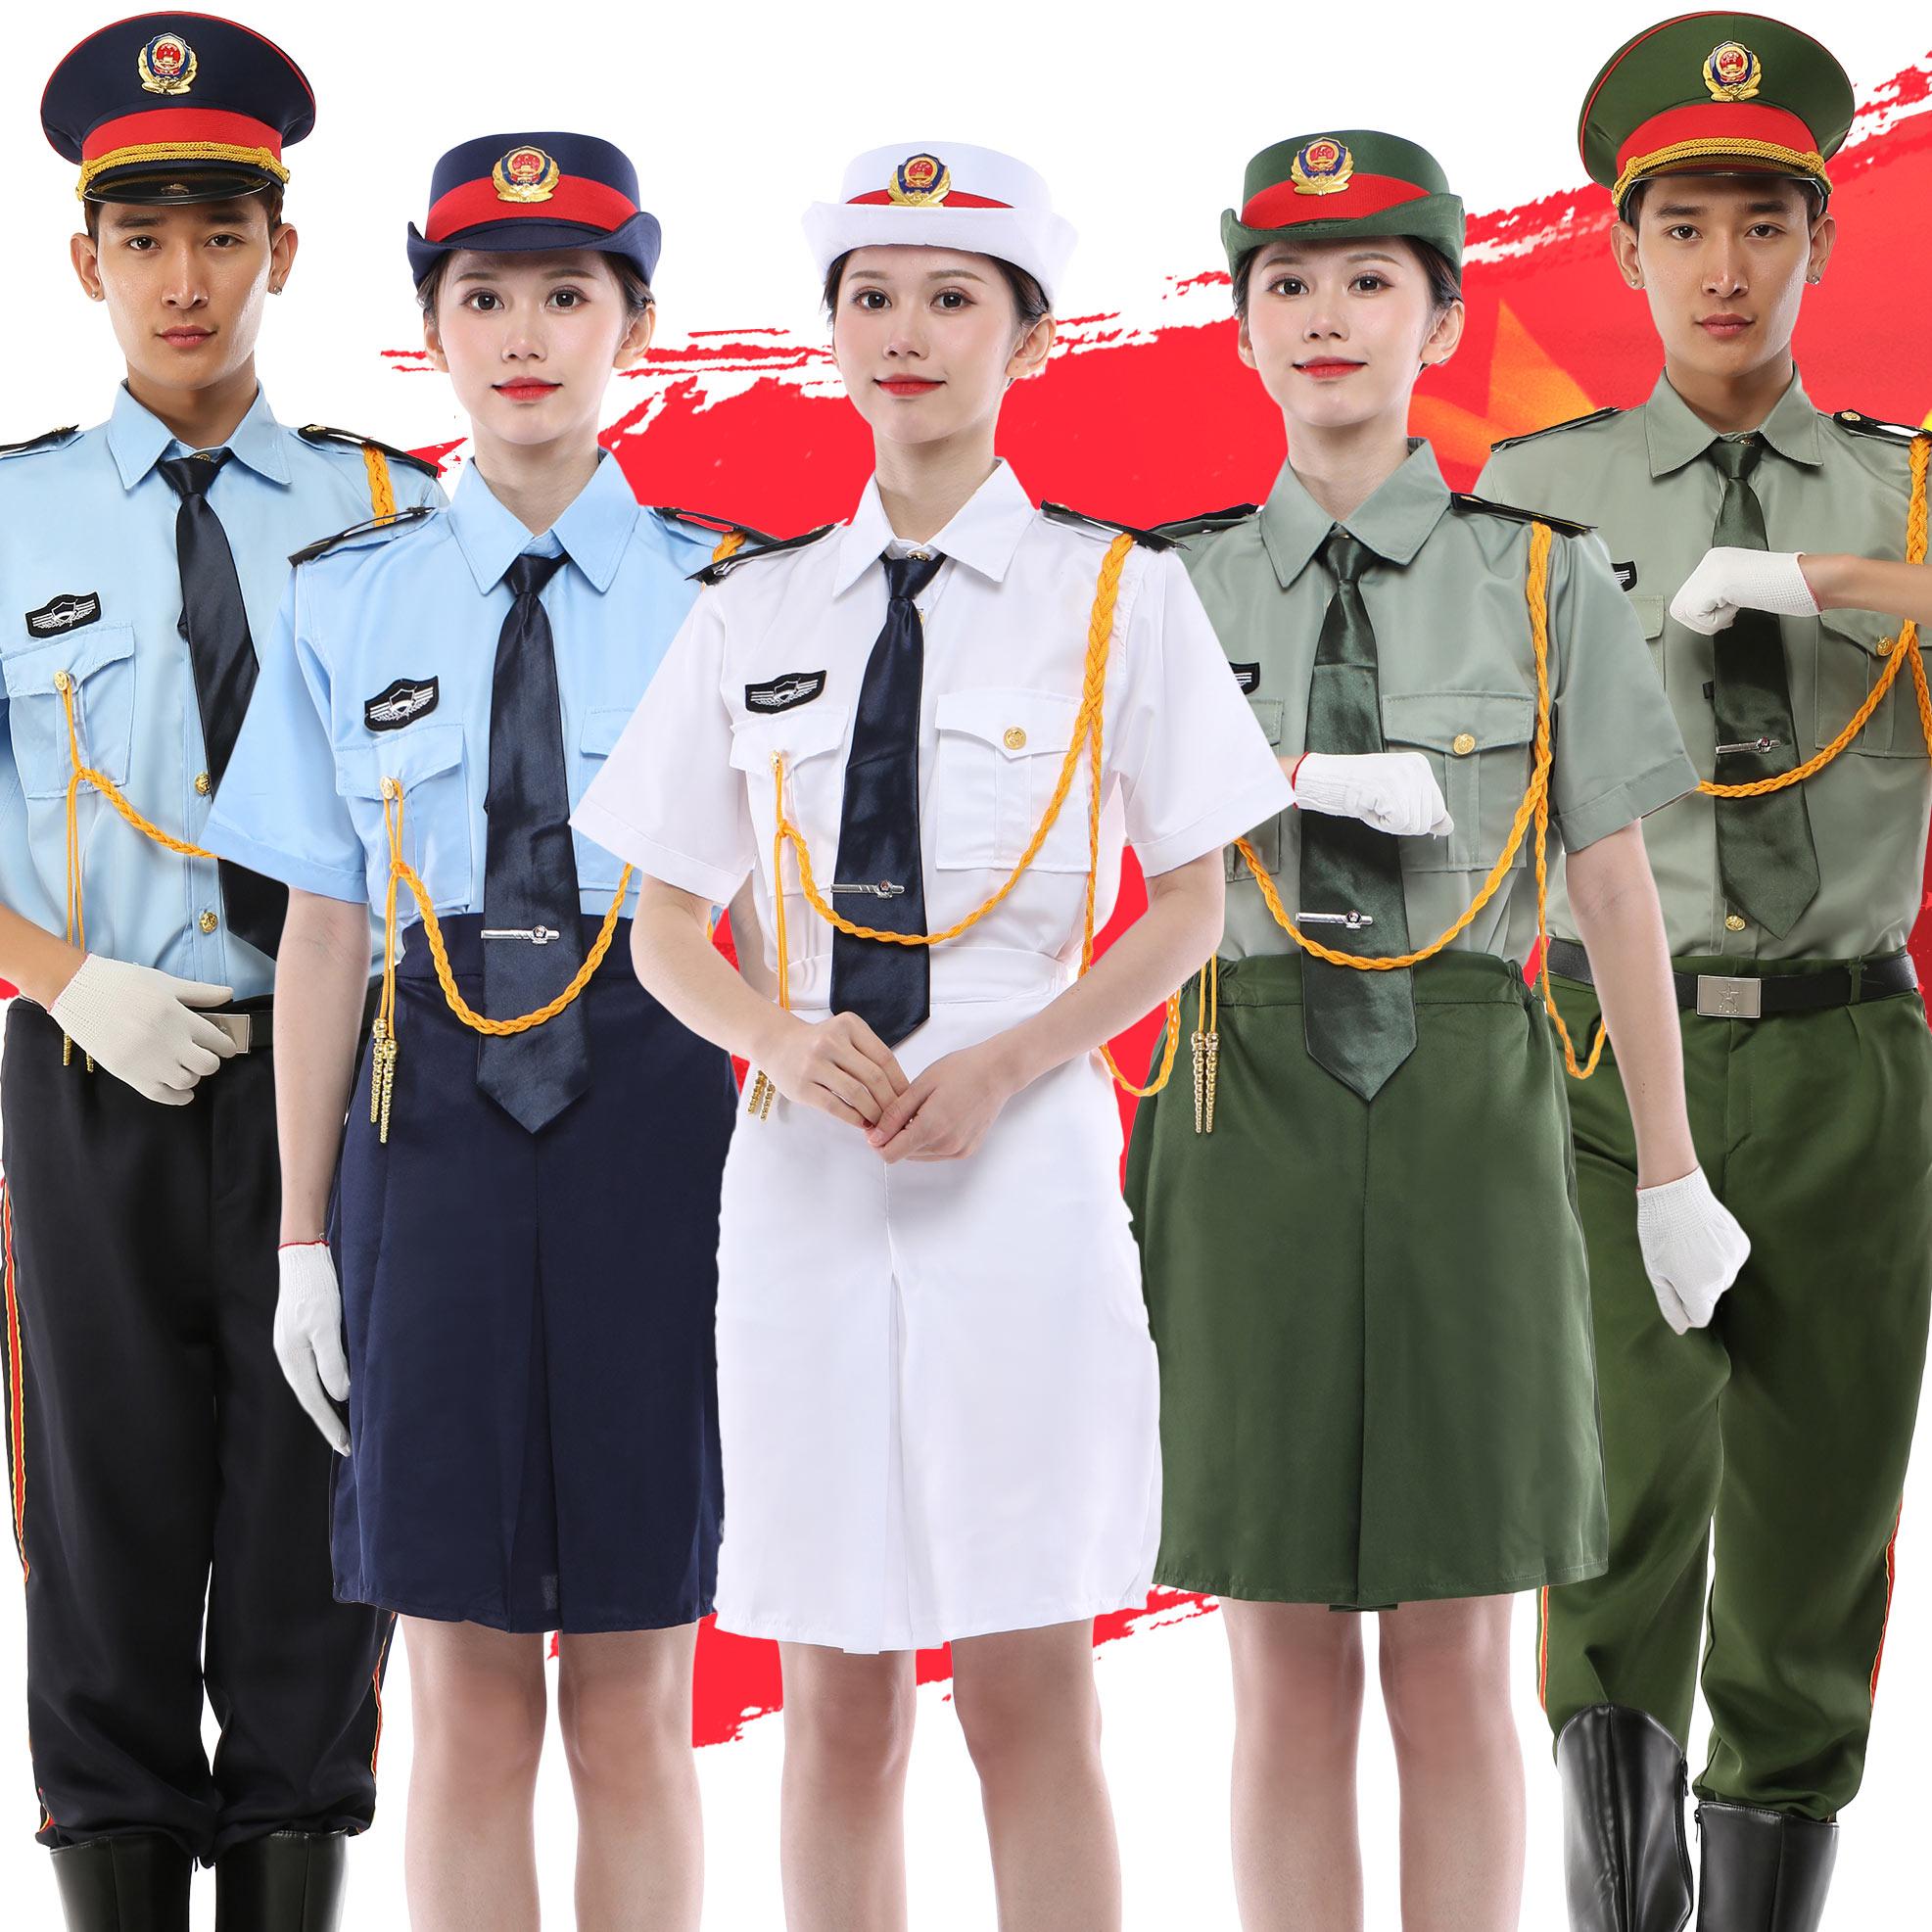 新款中小学生升旗手服装国旗班仪仗队军乐队演出服短袖裙子装夏装